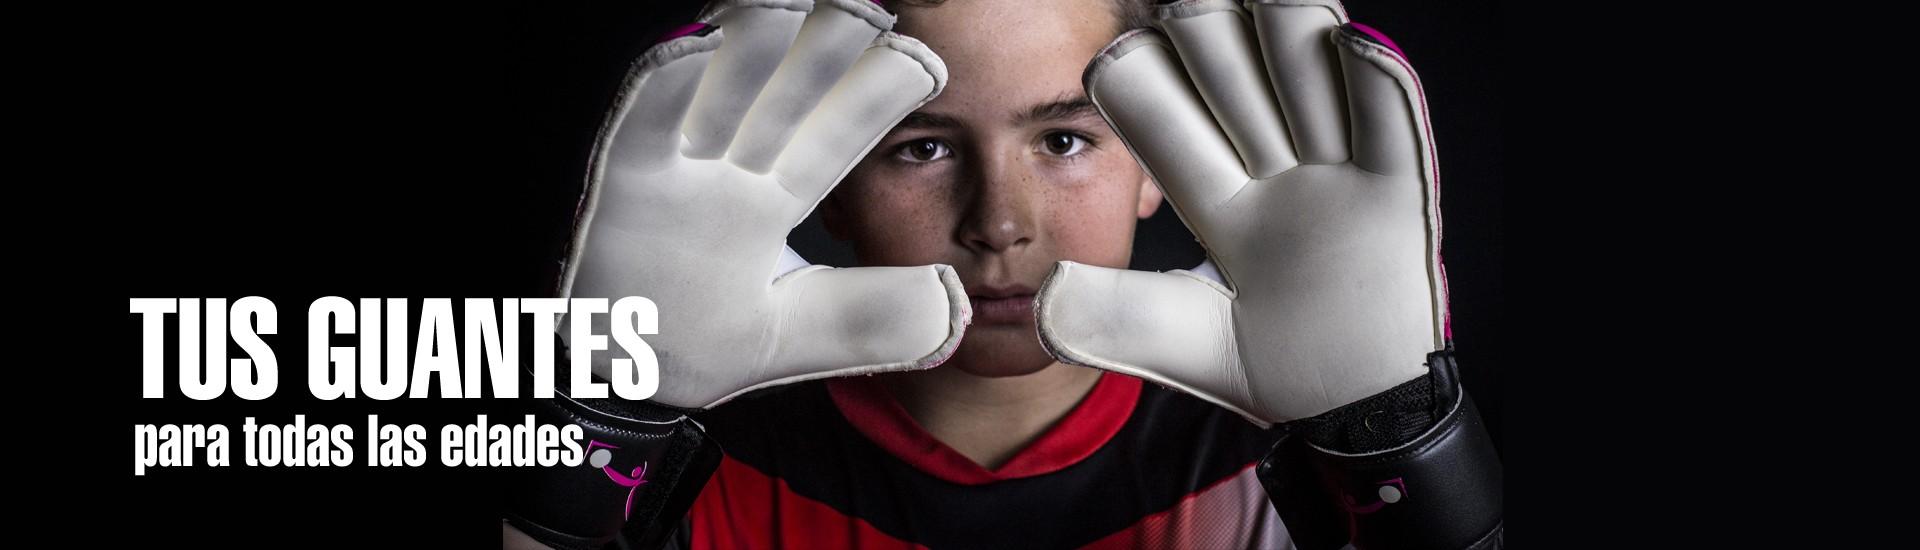 Tus guantes para todas las edades